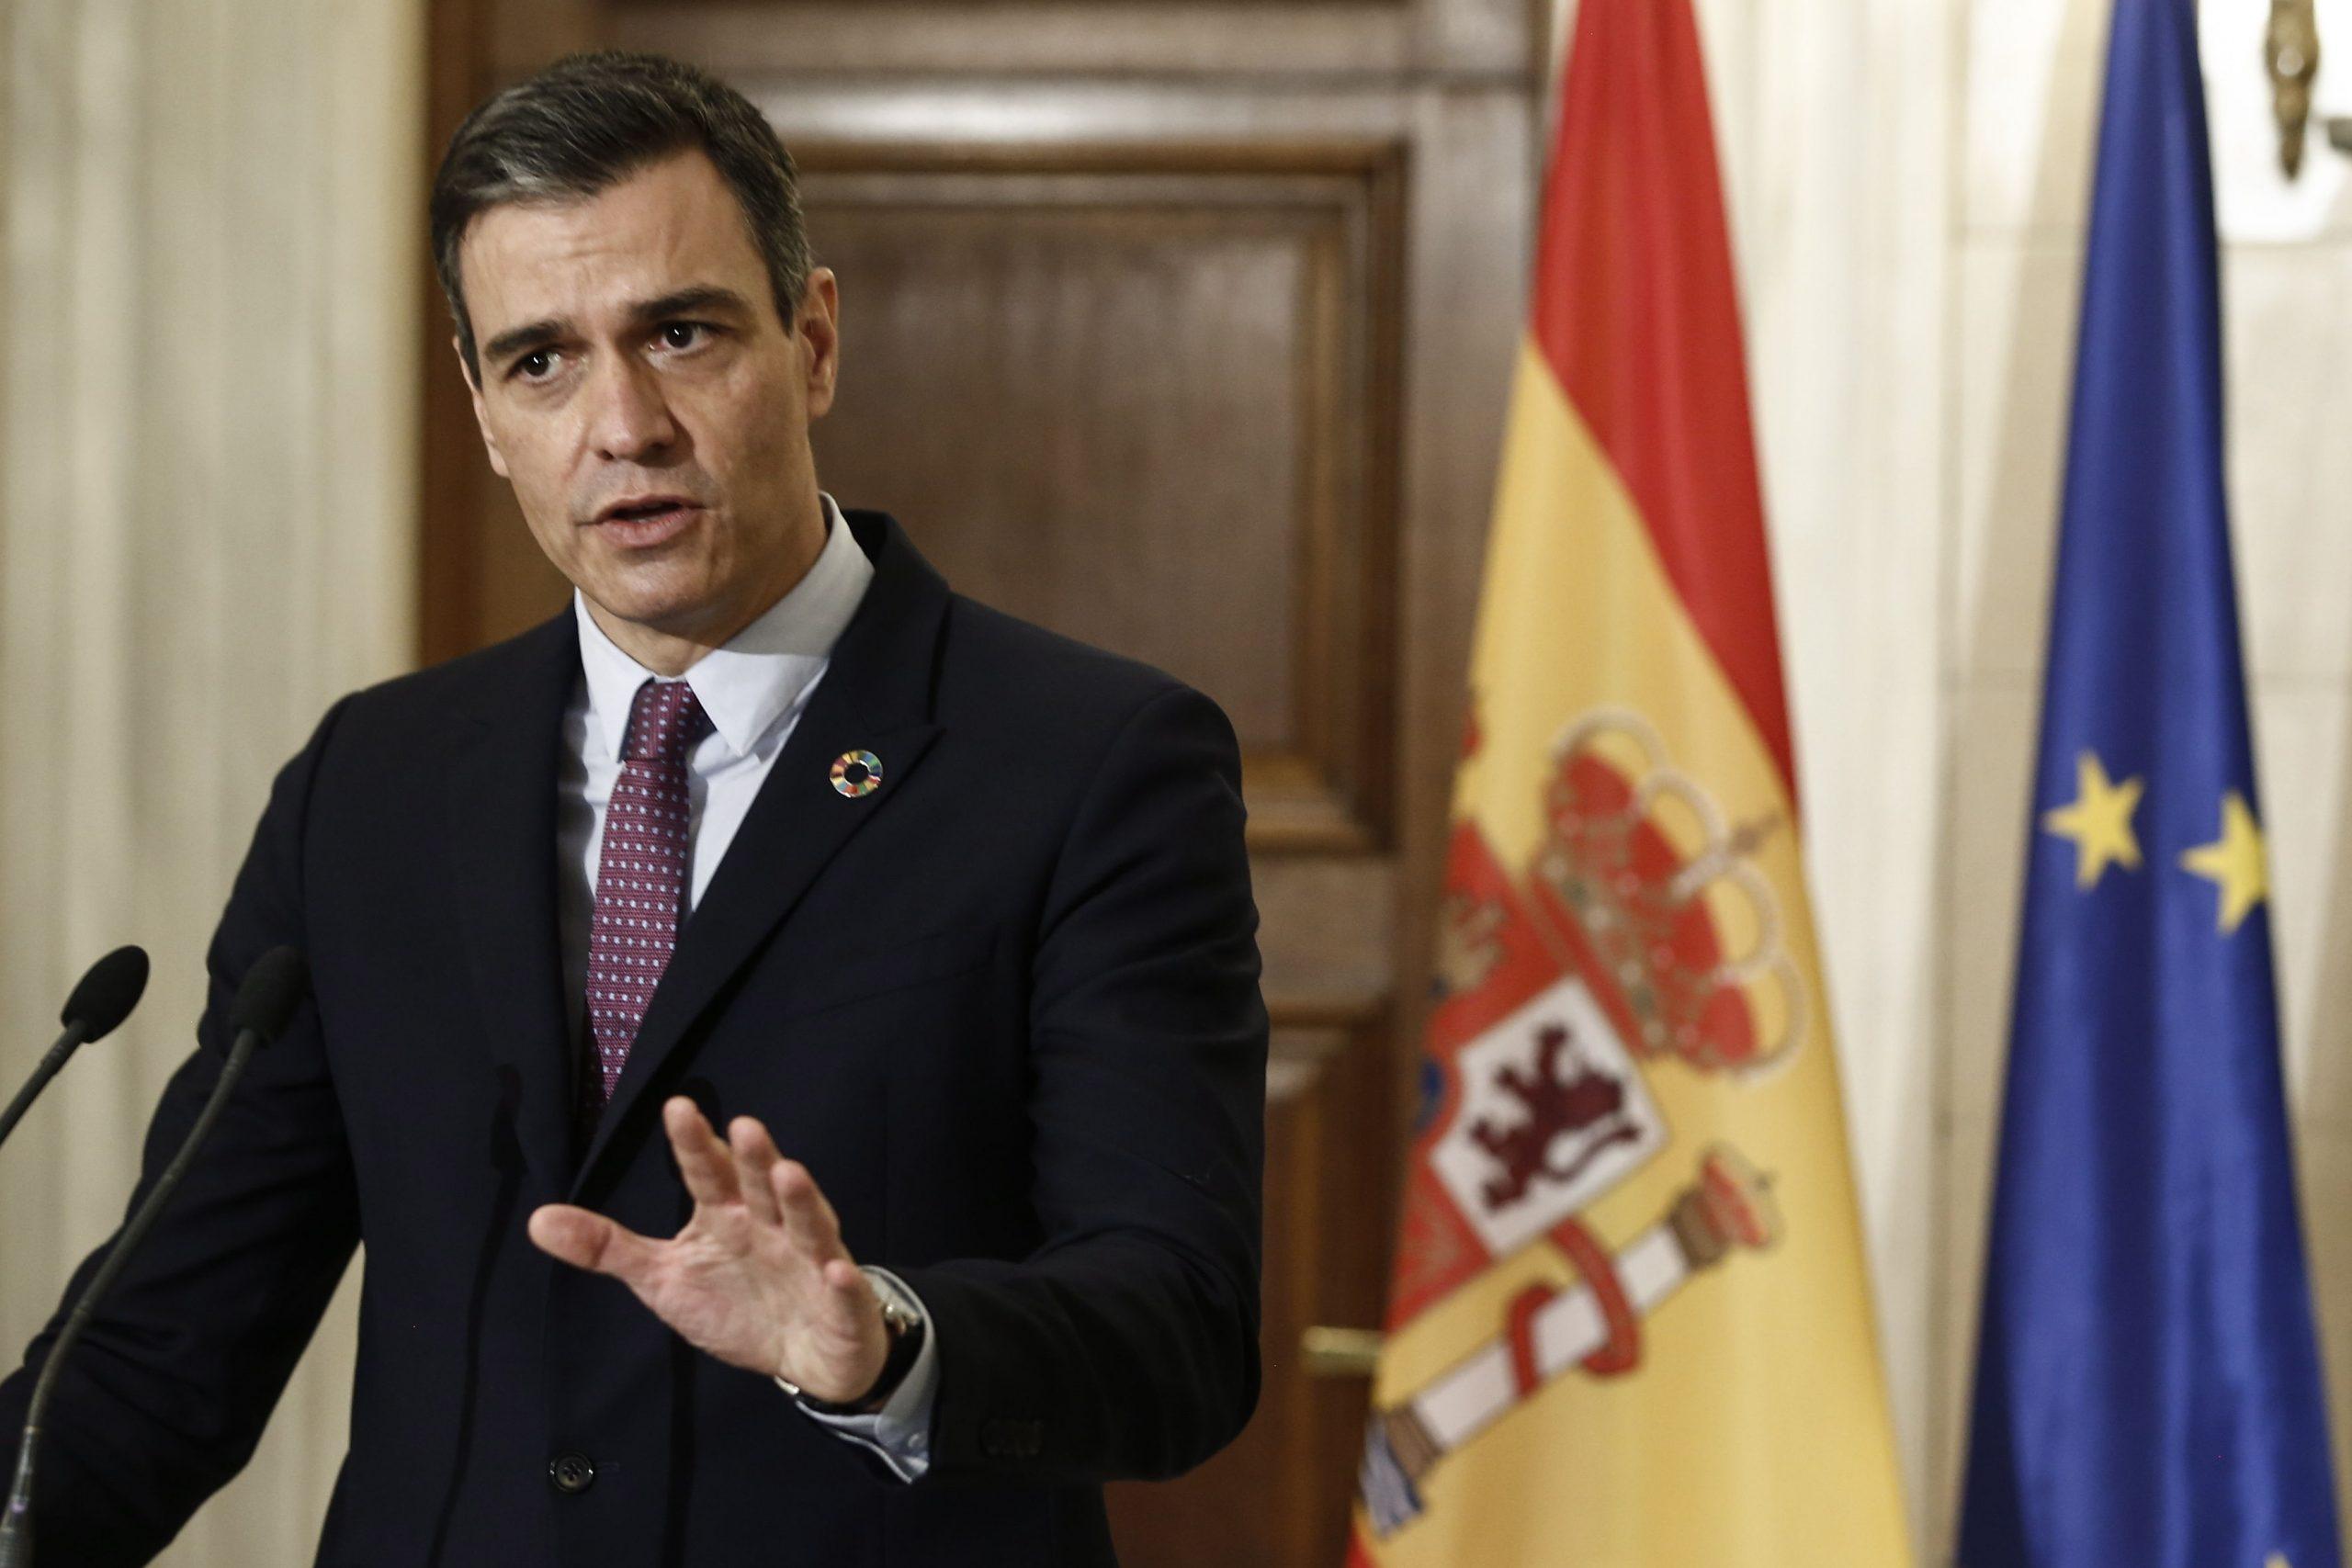 España: ¿Hubo una trama en el PSOE para defenestrar a Pedro Sánchez?